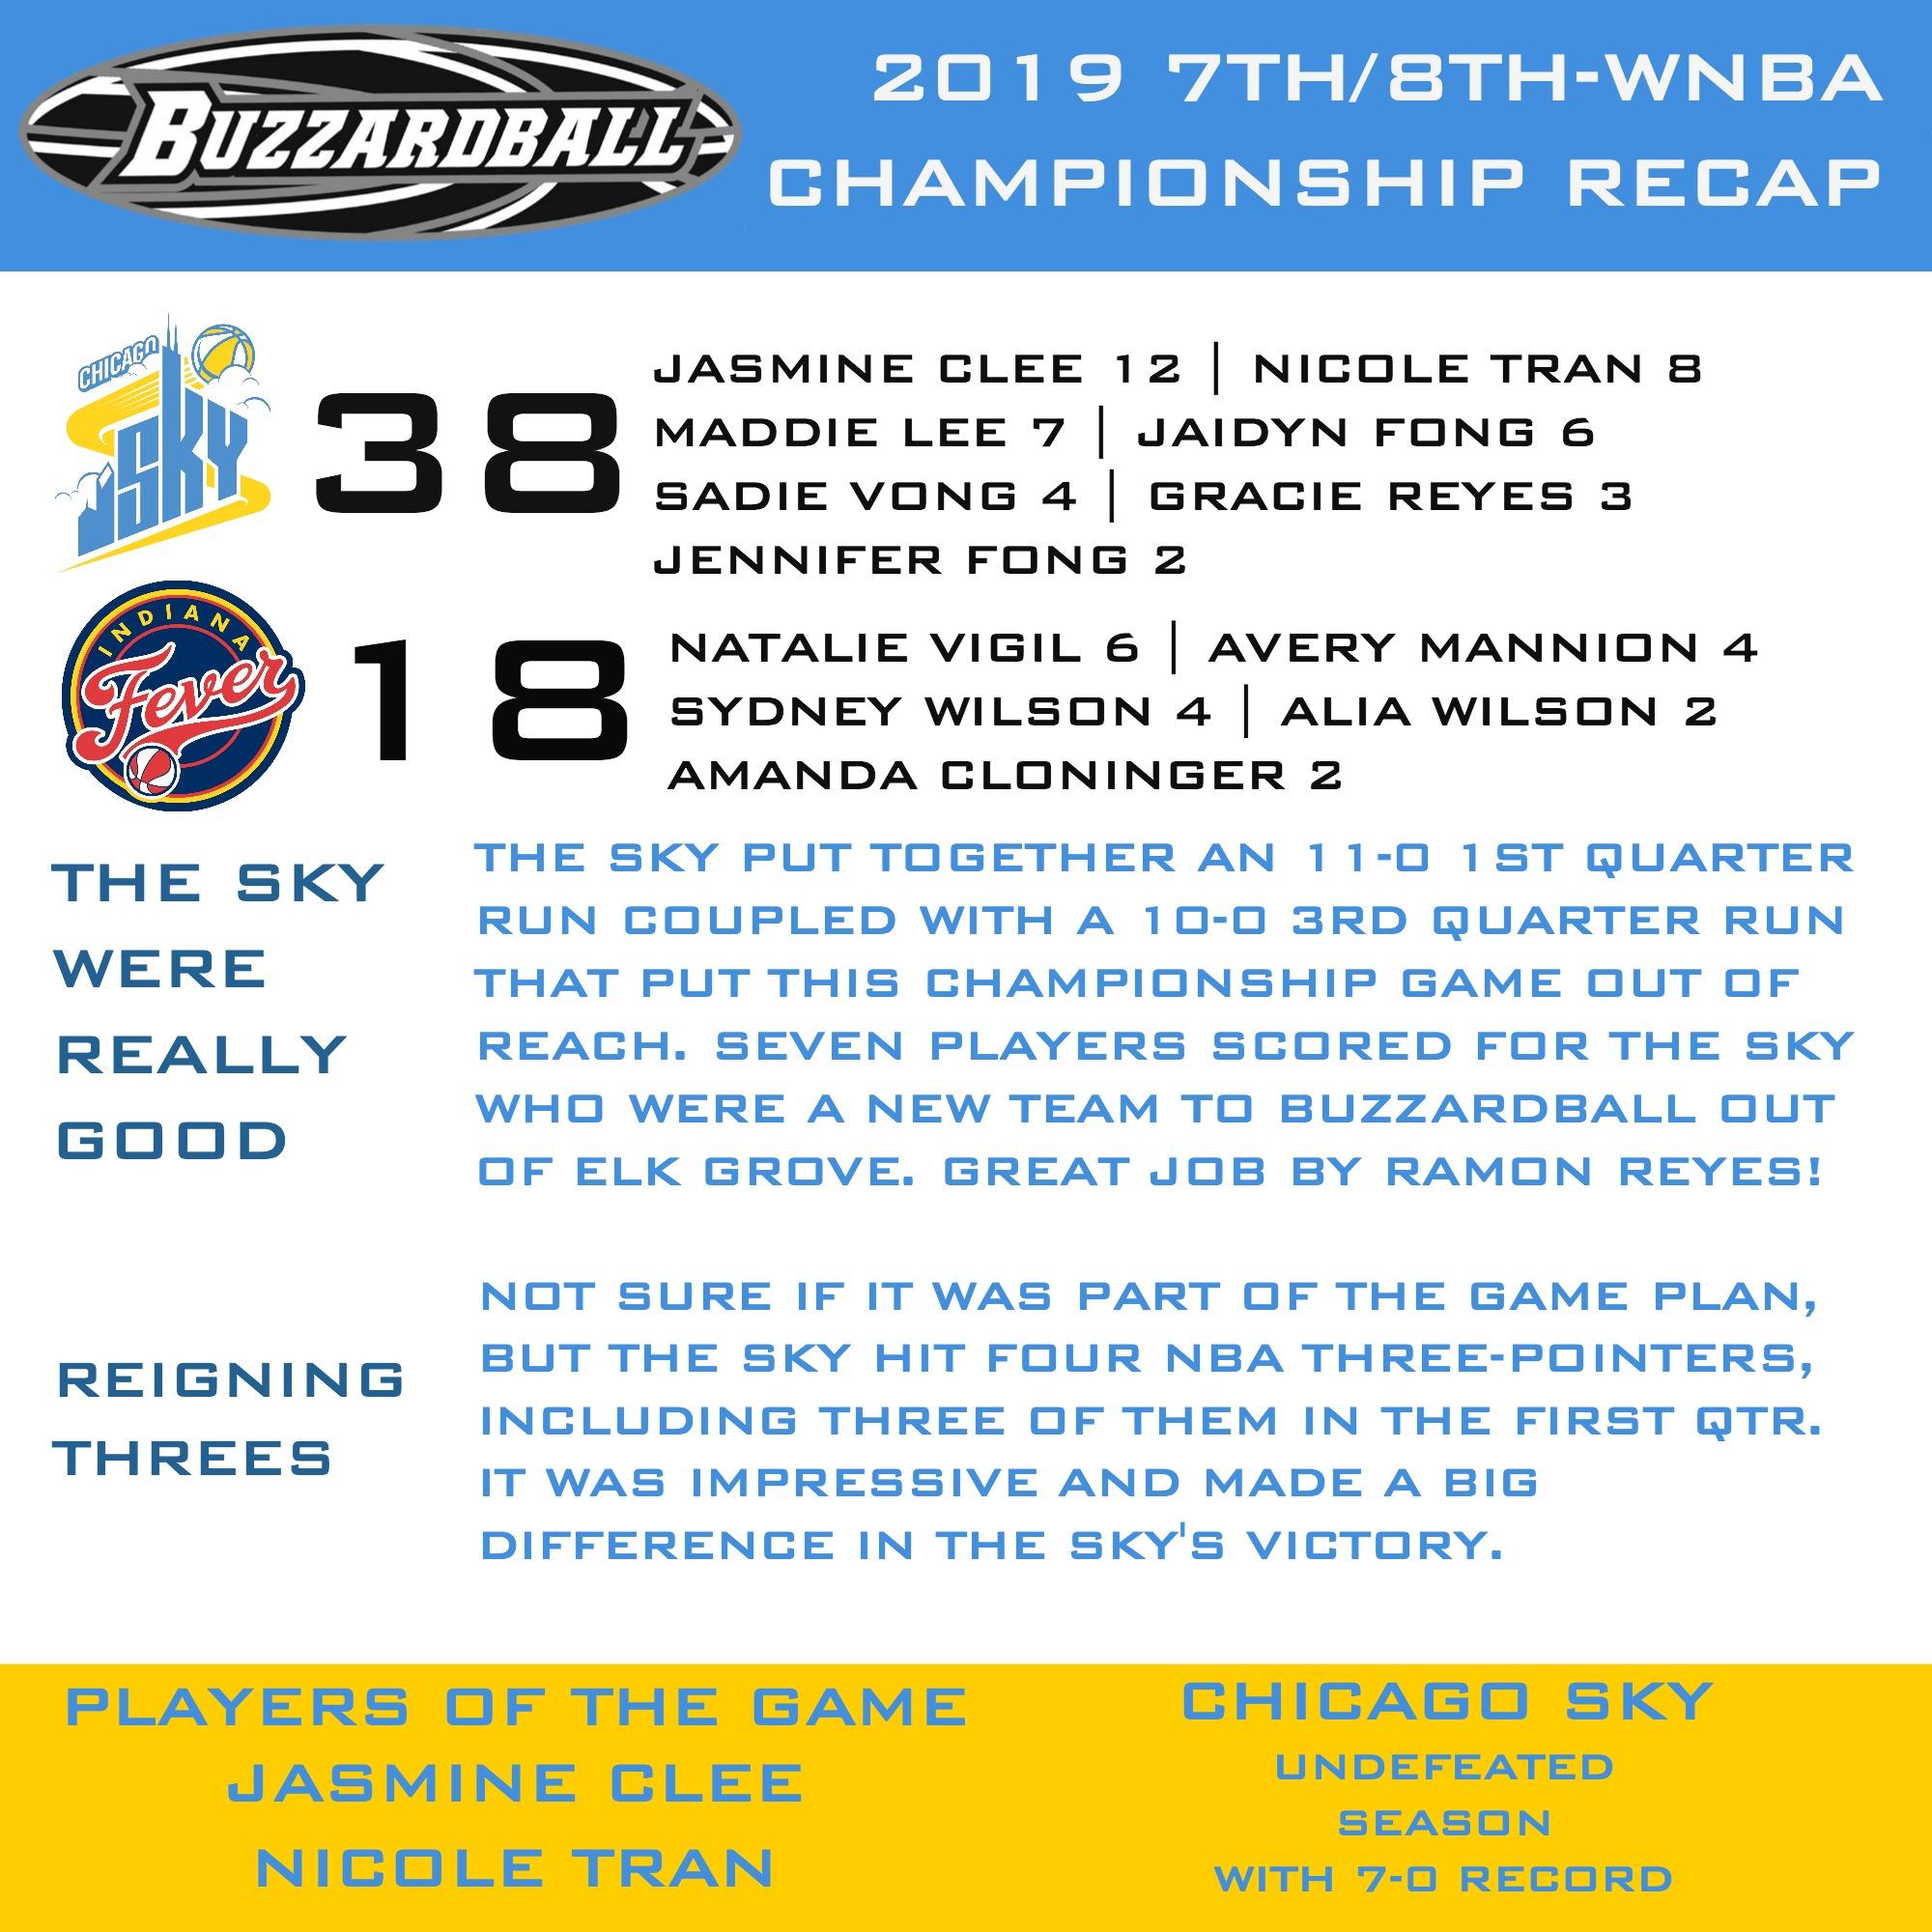 78 WNBA Championship Recap.jpg